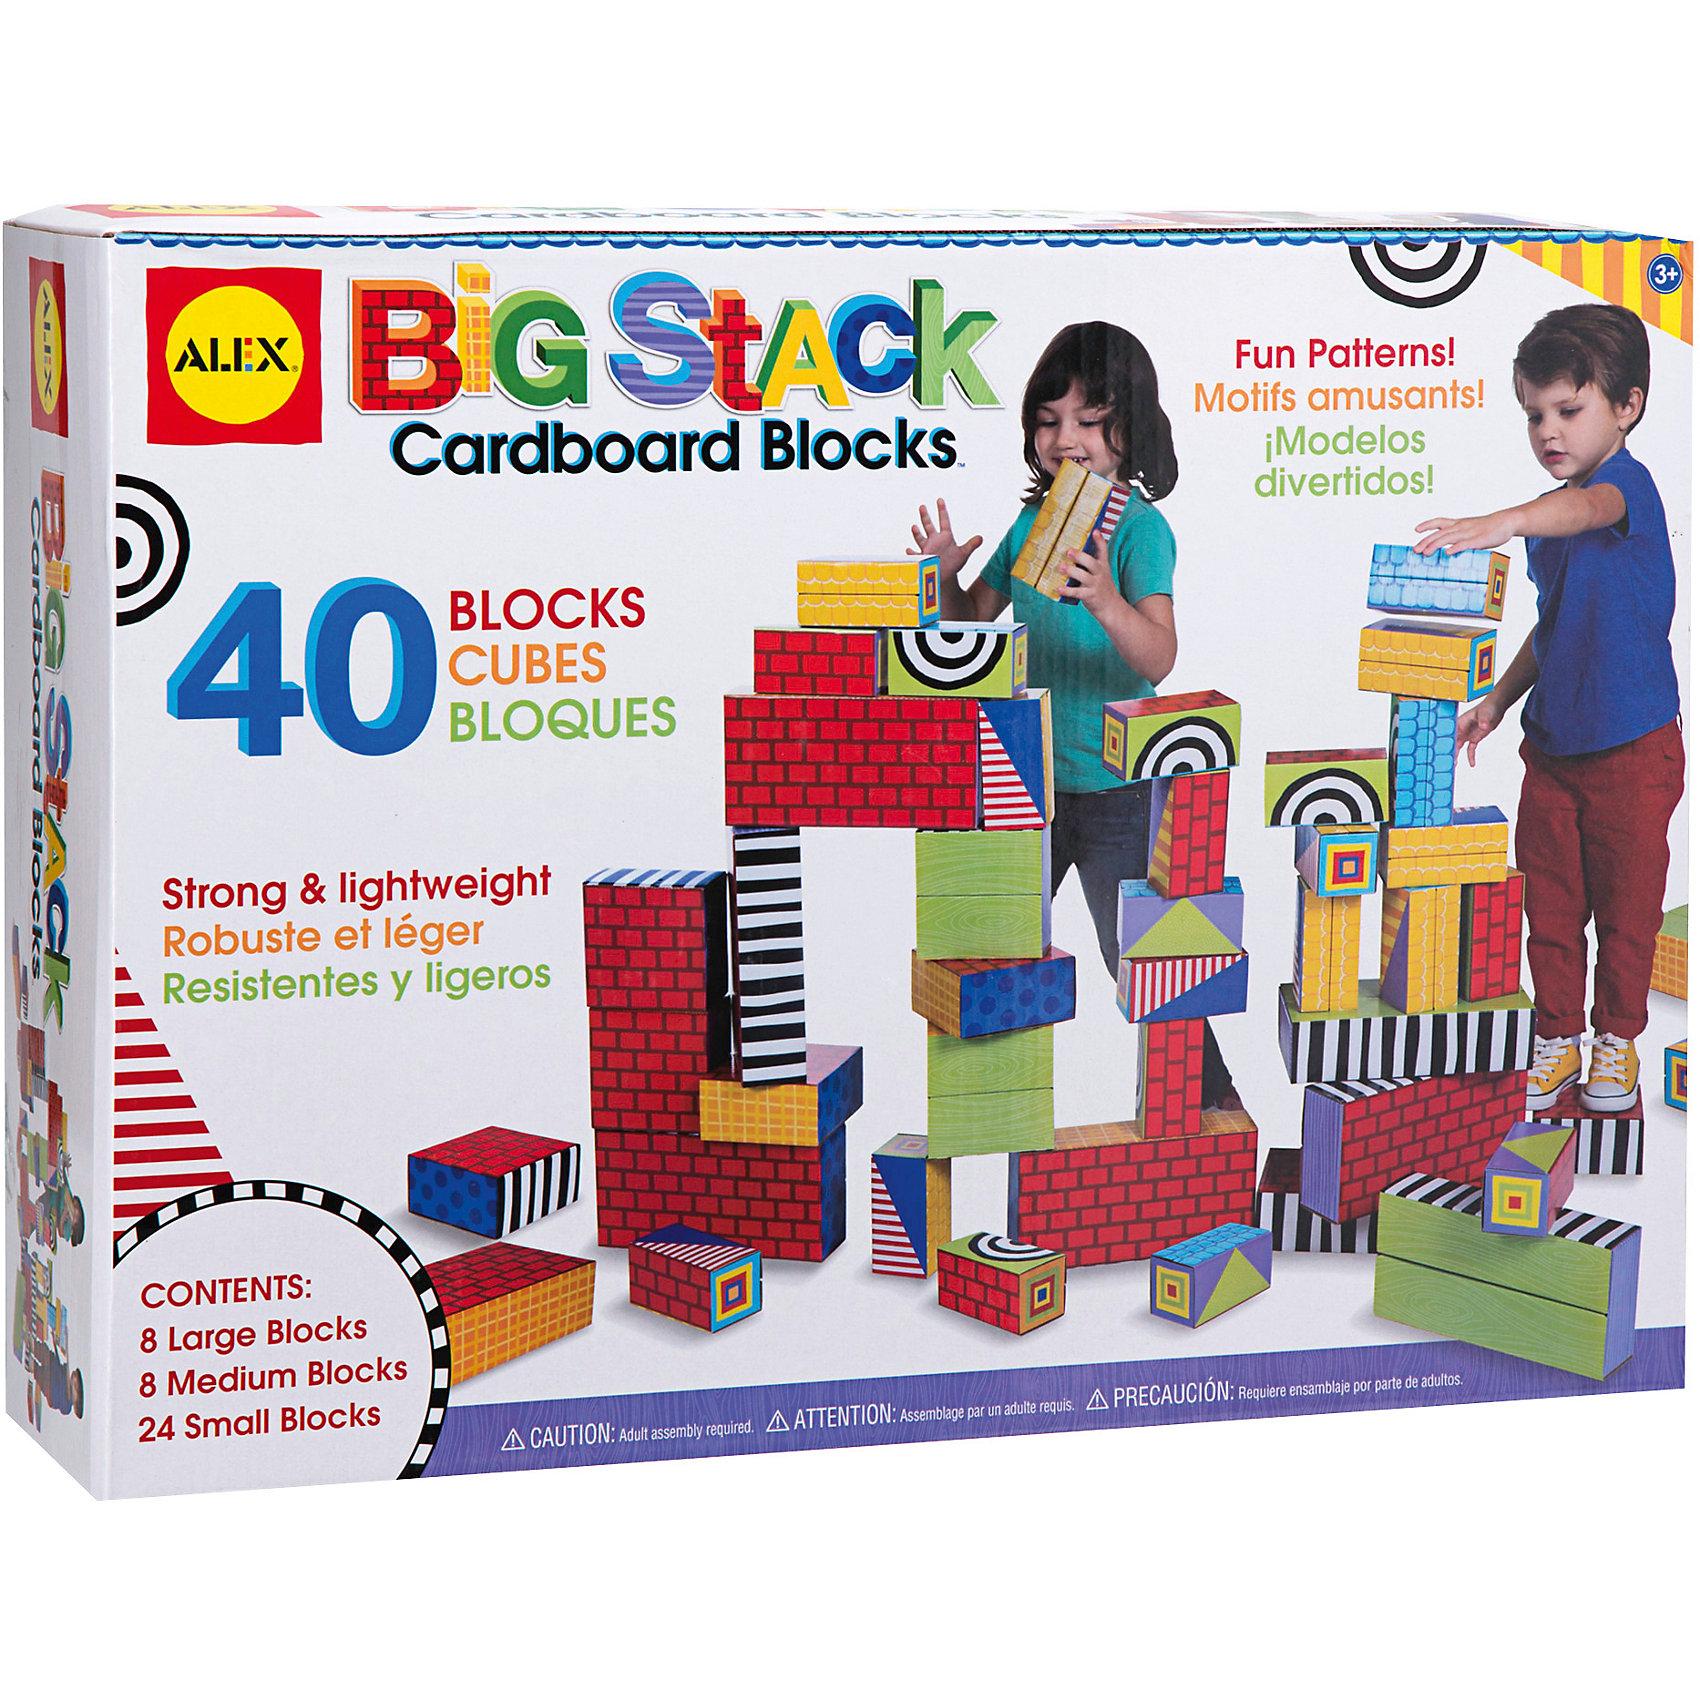 Набор Большие кубикиЭтот конструктор из по-настоящему больших кубиков обязательно понравится детям. Все детали складываются из заготовок из плотного картона Из ярких кубиков можно построить крепость, на них можно даже стоять, придумывая все новые и новые игры. Различные узоры, напечатанные на фигурах открывают простор для детской фантазии и разнообразных игр. <br><br>Дополнительная информация:<br><br>- Материал: картон.<br>- Выдерживают вес  до 50 кг.<br>- В наборе 8 больших, 8 средних и 24 малых кубика.<br><br>Набор Большие кубики можно купить в нашем магазине.<br><br>Ширина мм: 50<br>Глубина мм: 14<br>Высота мм: 39<br>Вес г: 3828<br>Возраст от месяцев: 36<br>Возраст до месяцев: 72<br>Пол: Унисекс<br>Возраст: Детский<br>SKU: 4347883